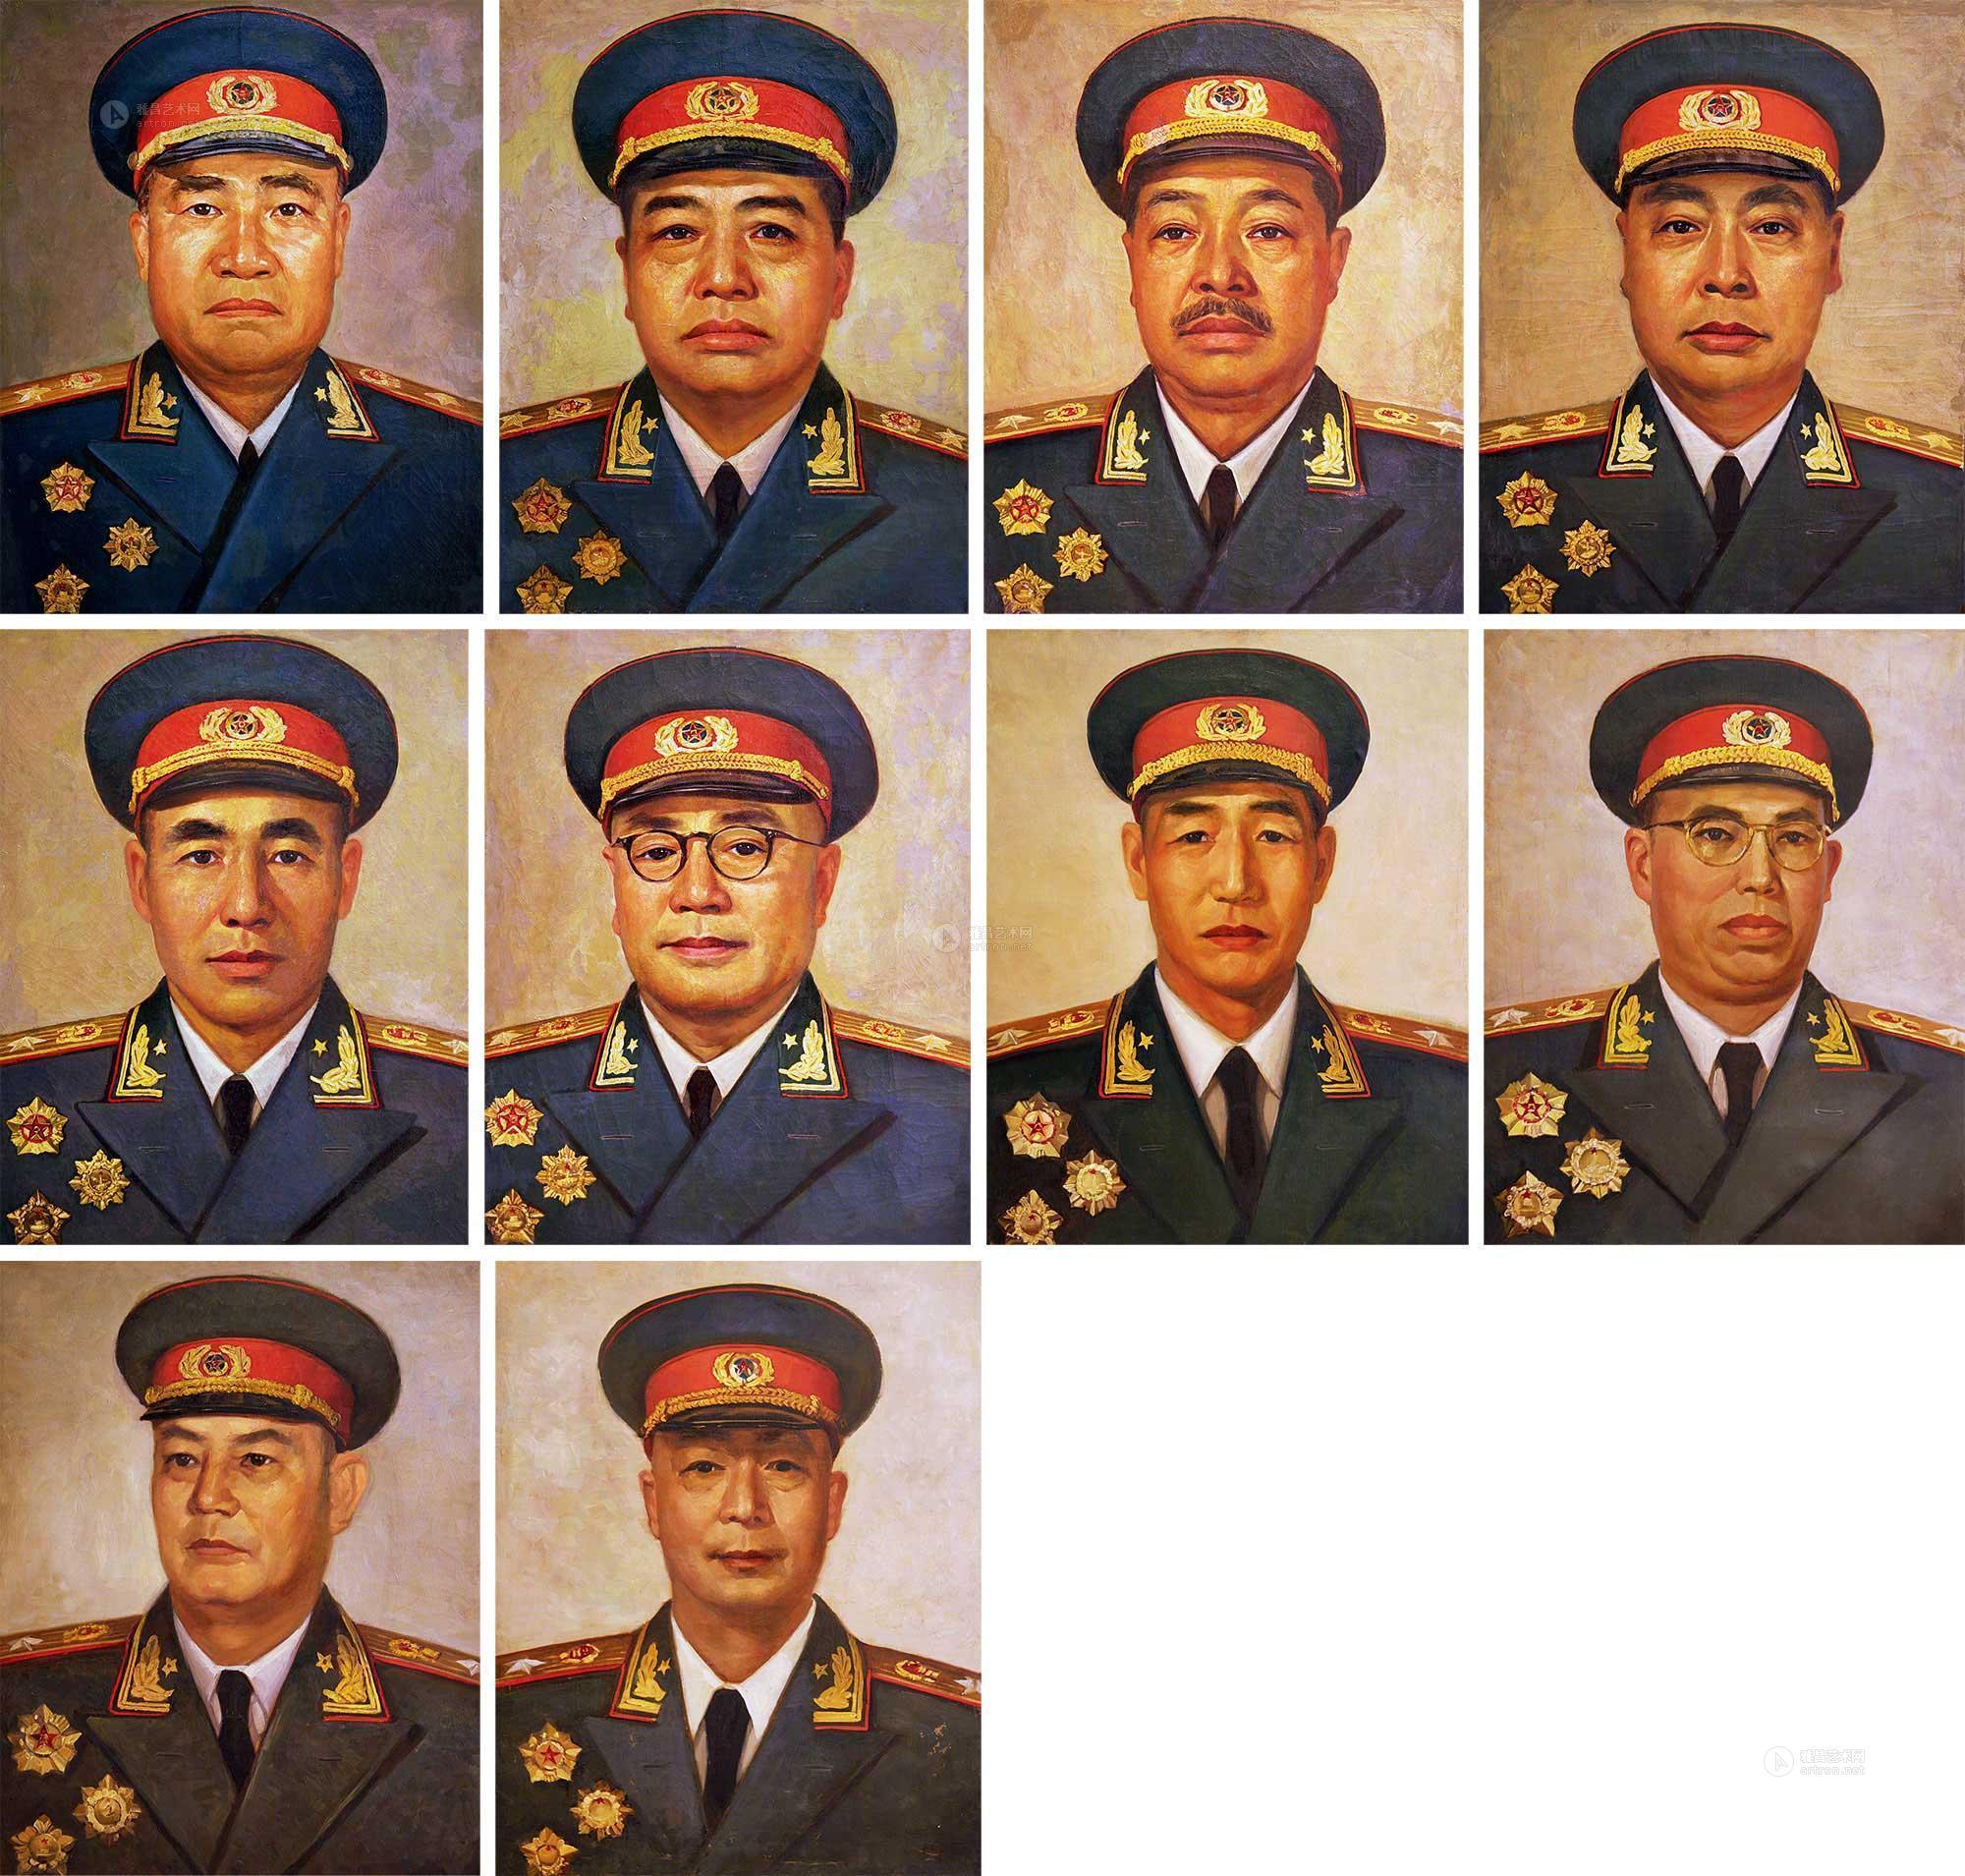 林彪十大元帅排第几_十大元帅排名-中国十大元帅排名